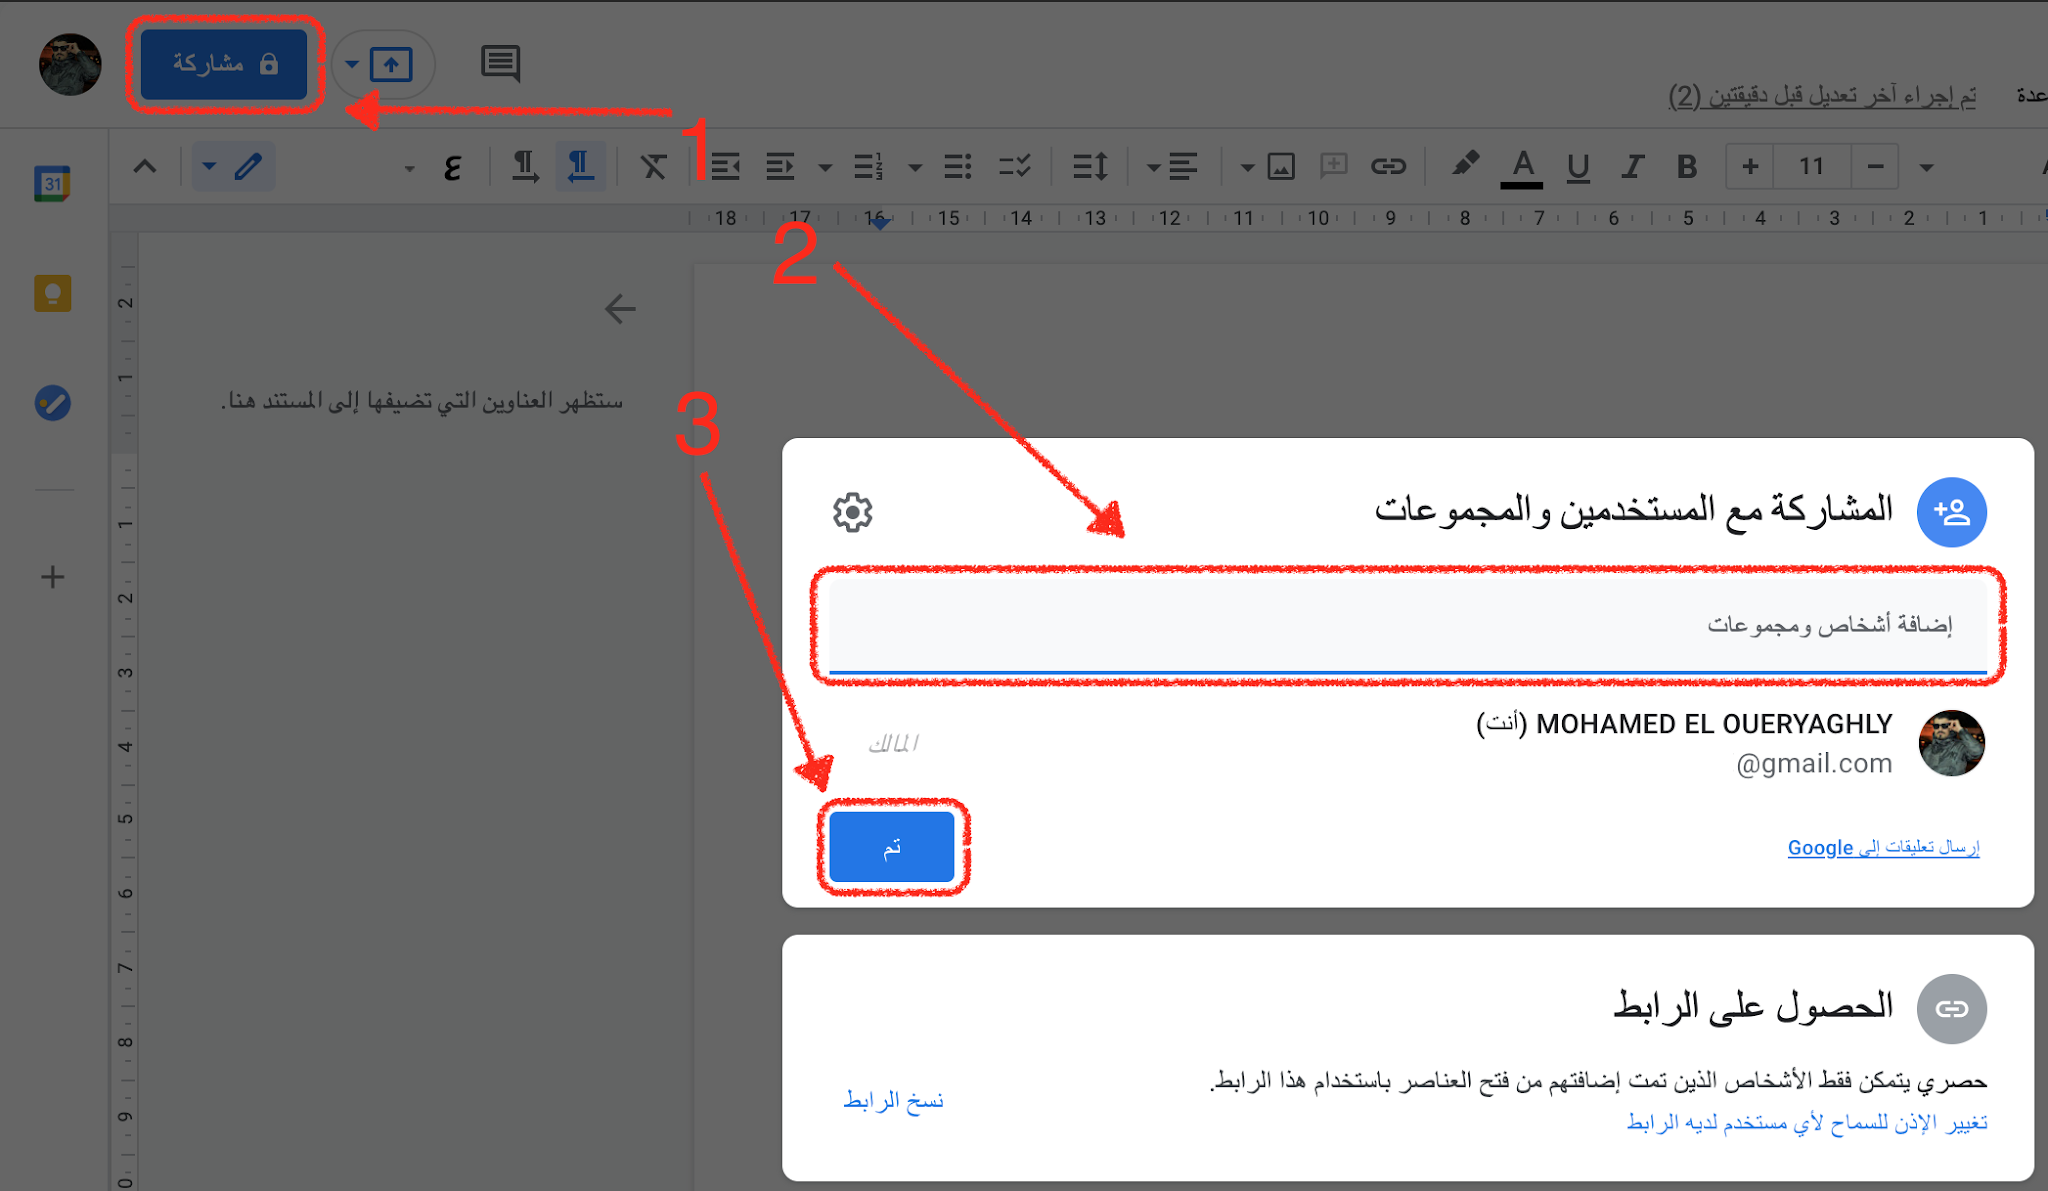 خطوات مشاركة مستندات جوجل بواسطة الإيميل